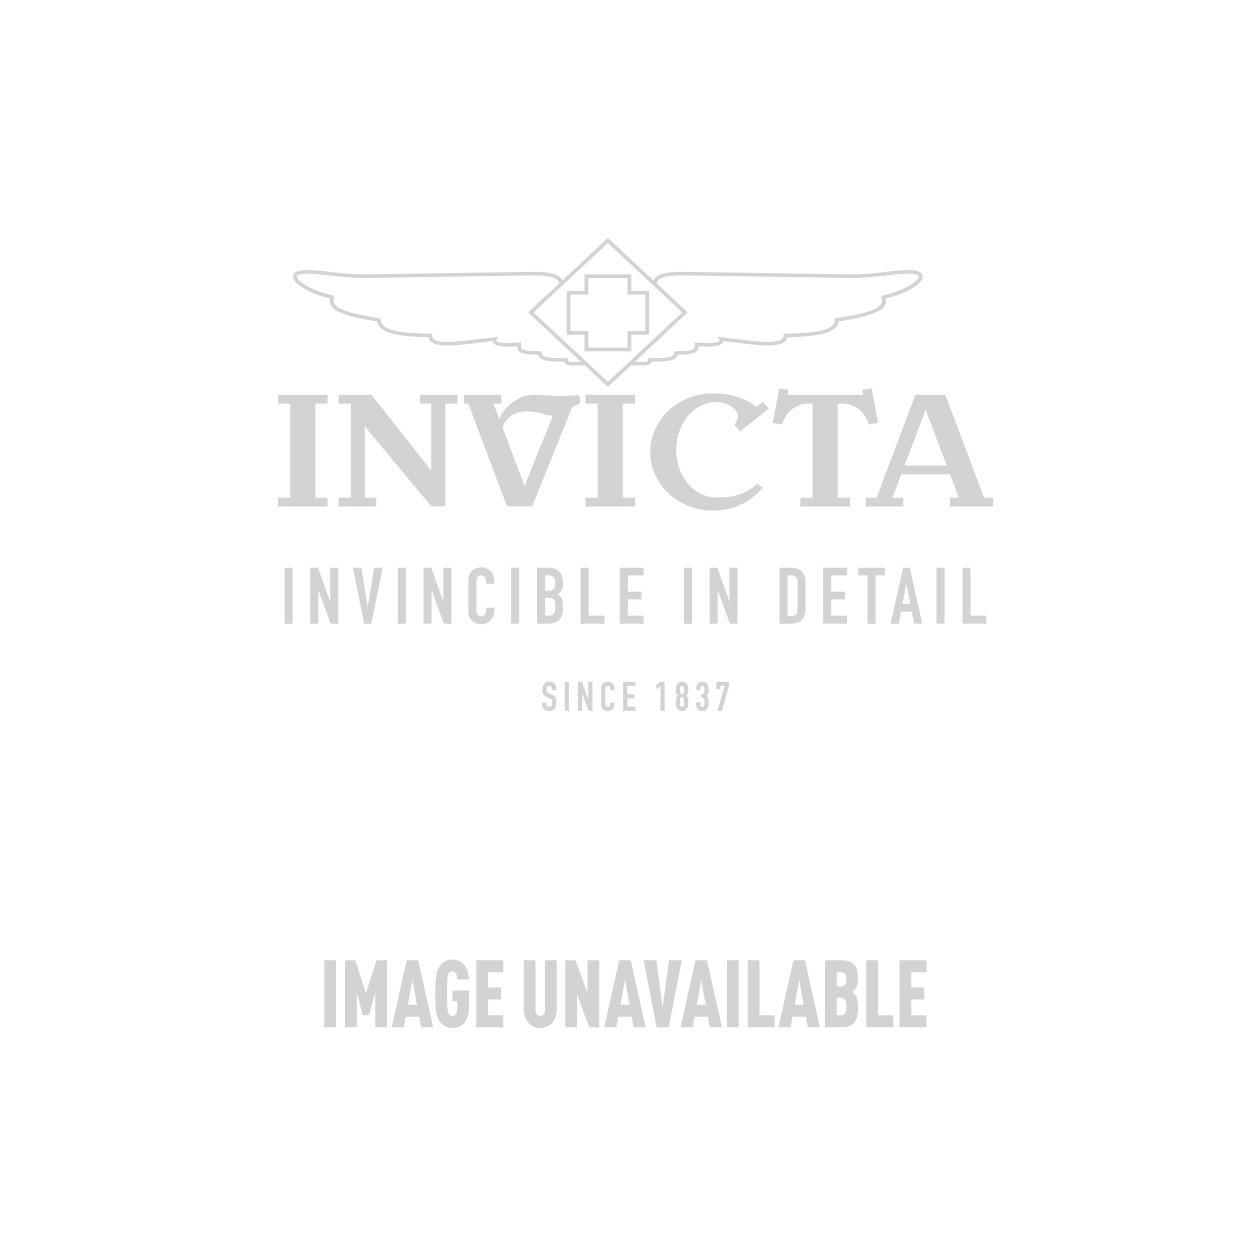 Invicta Model 24163